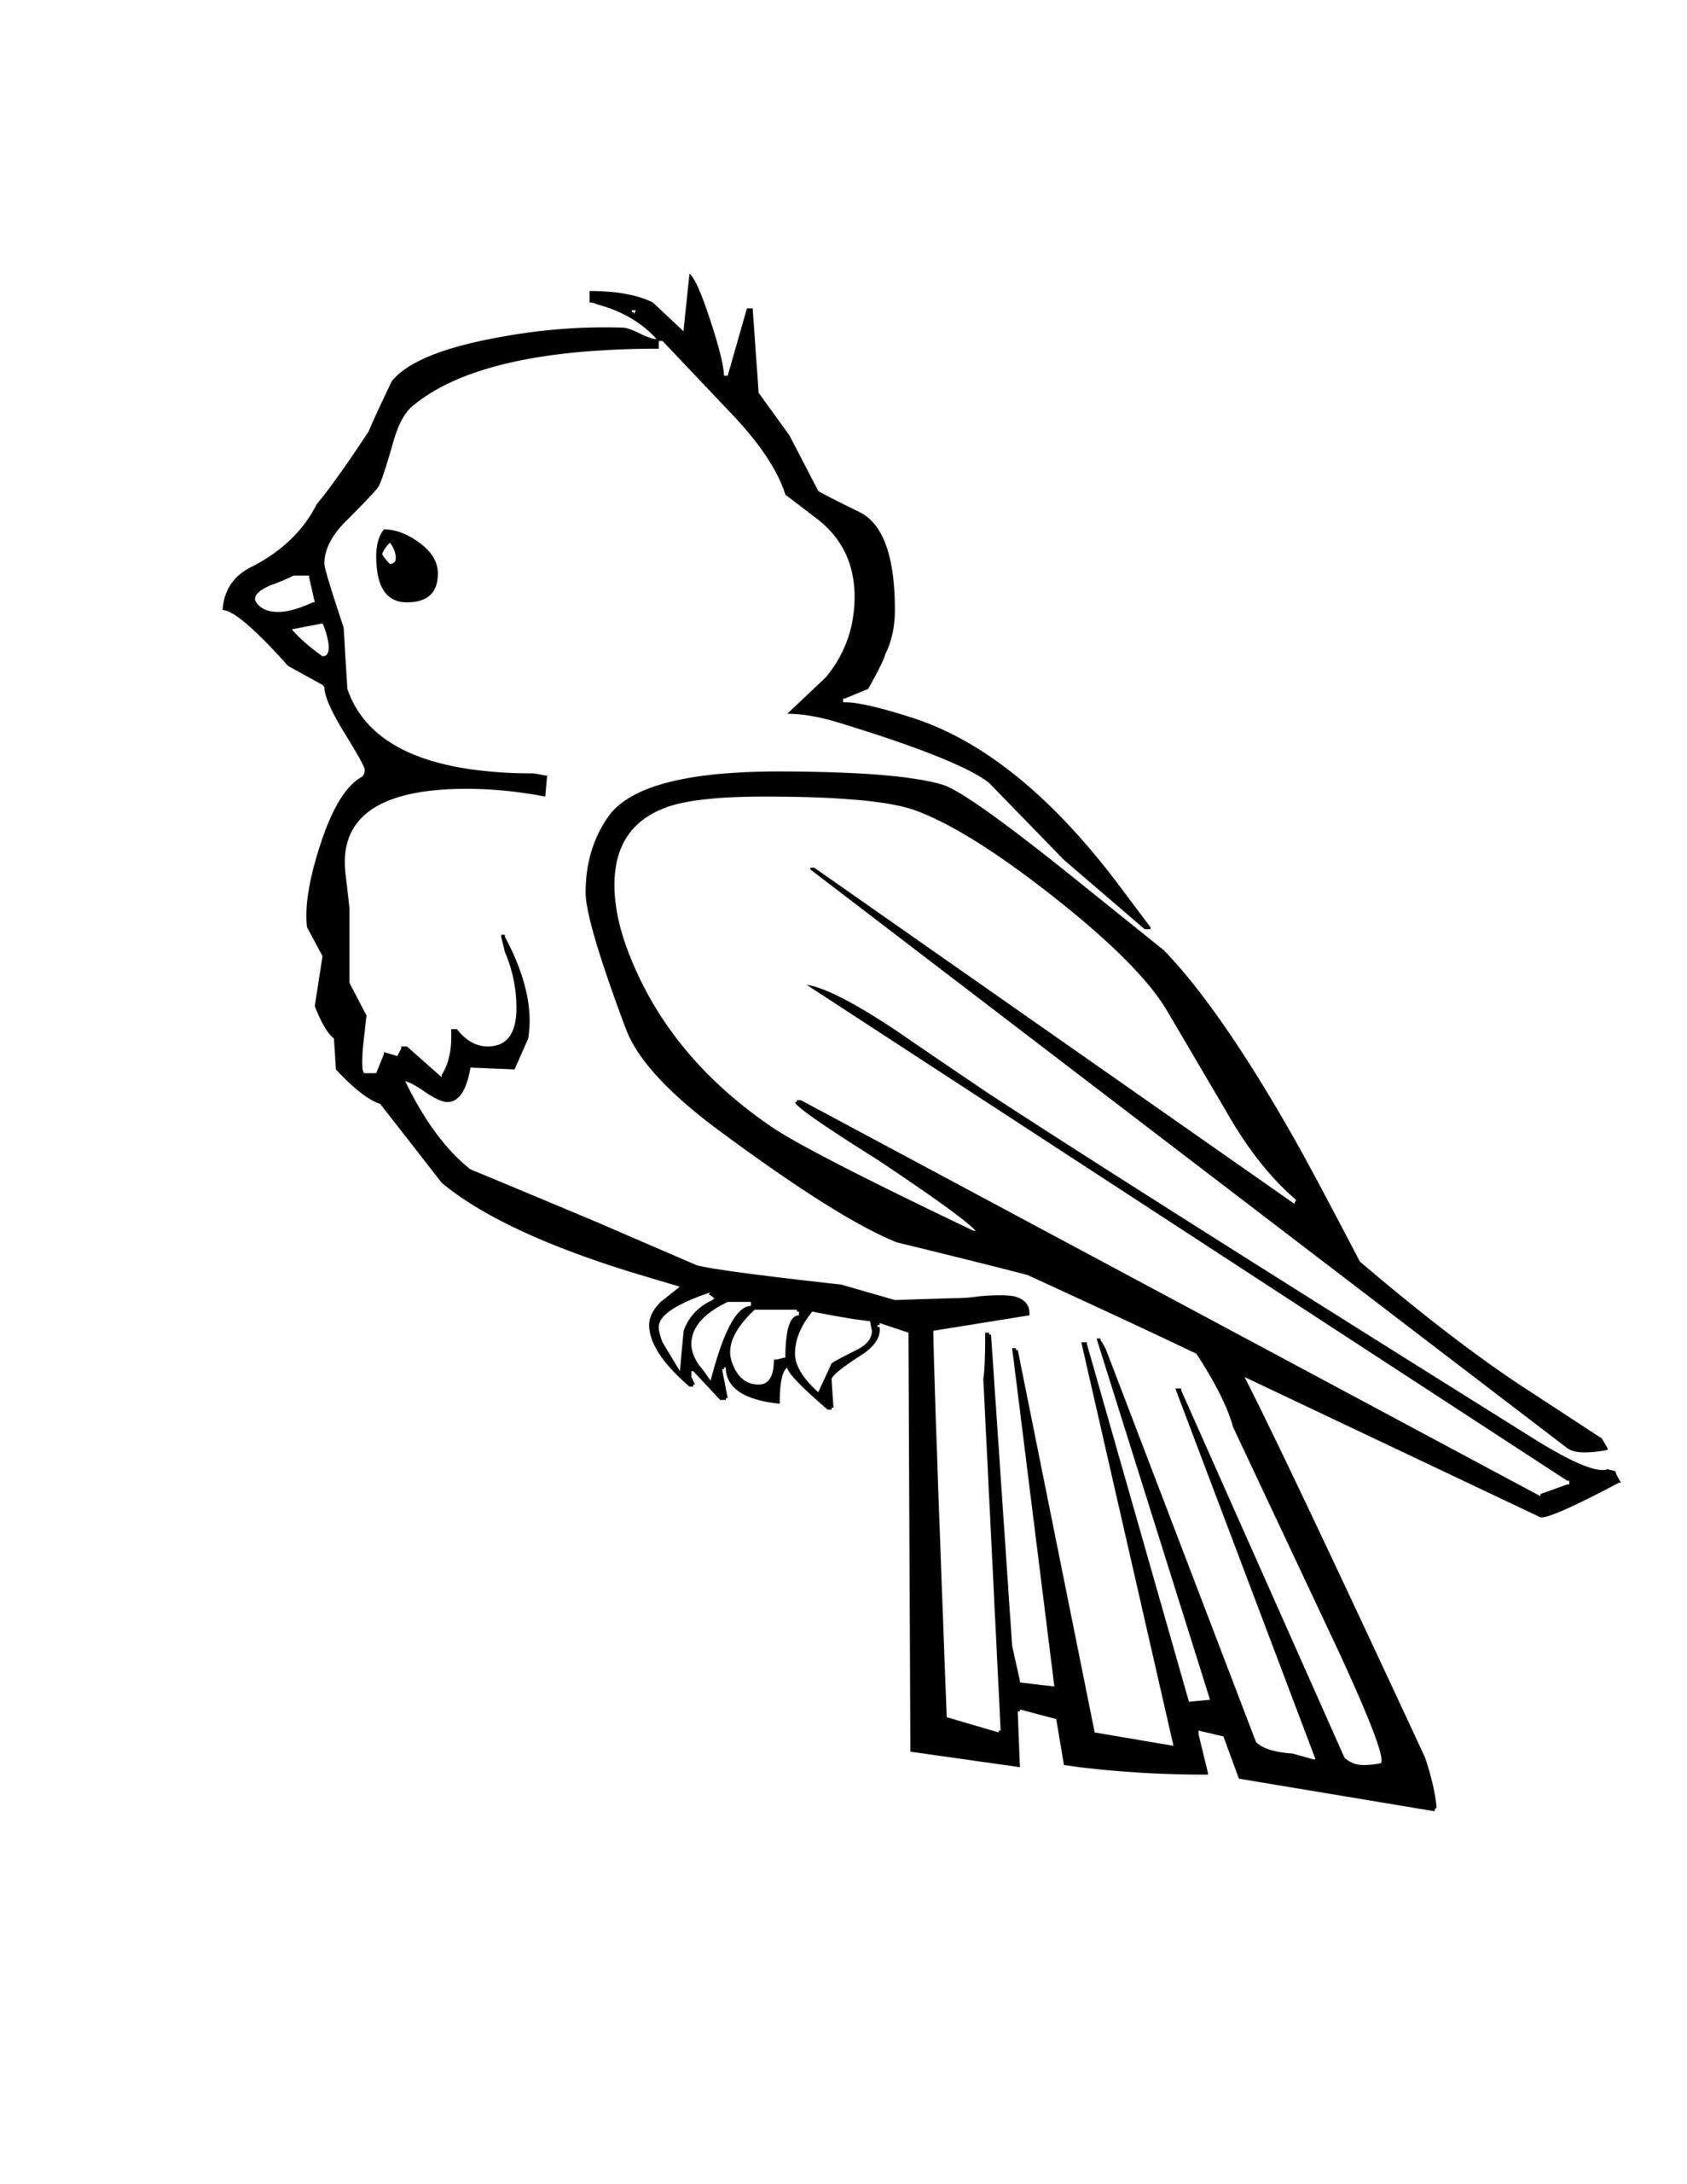 Tranh tô màu con chim sắc nét dễ tô